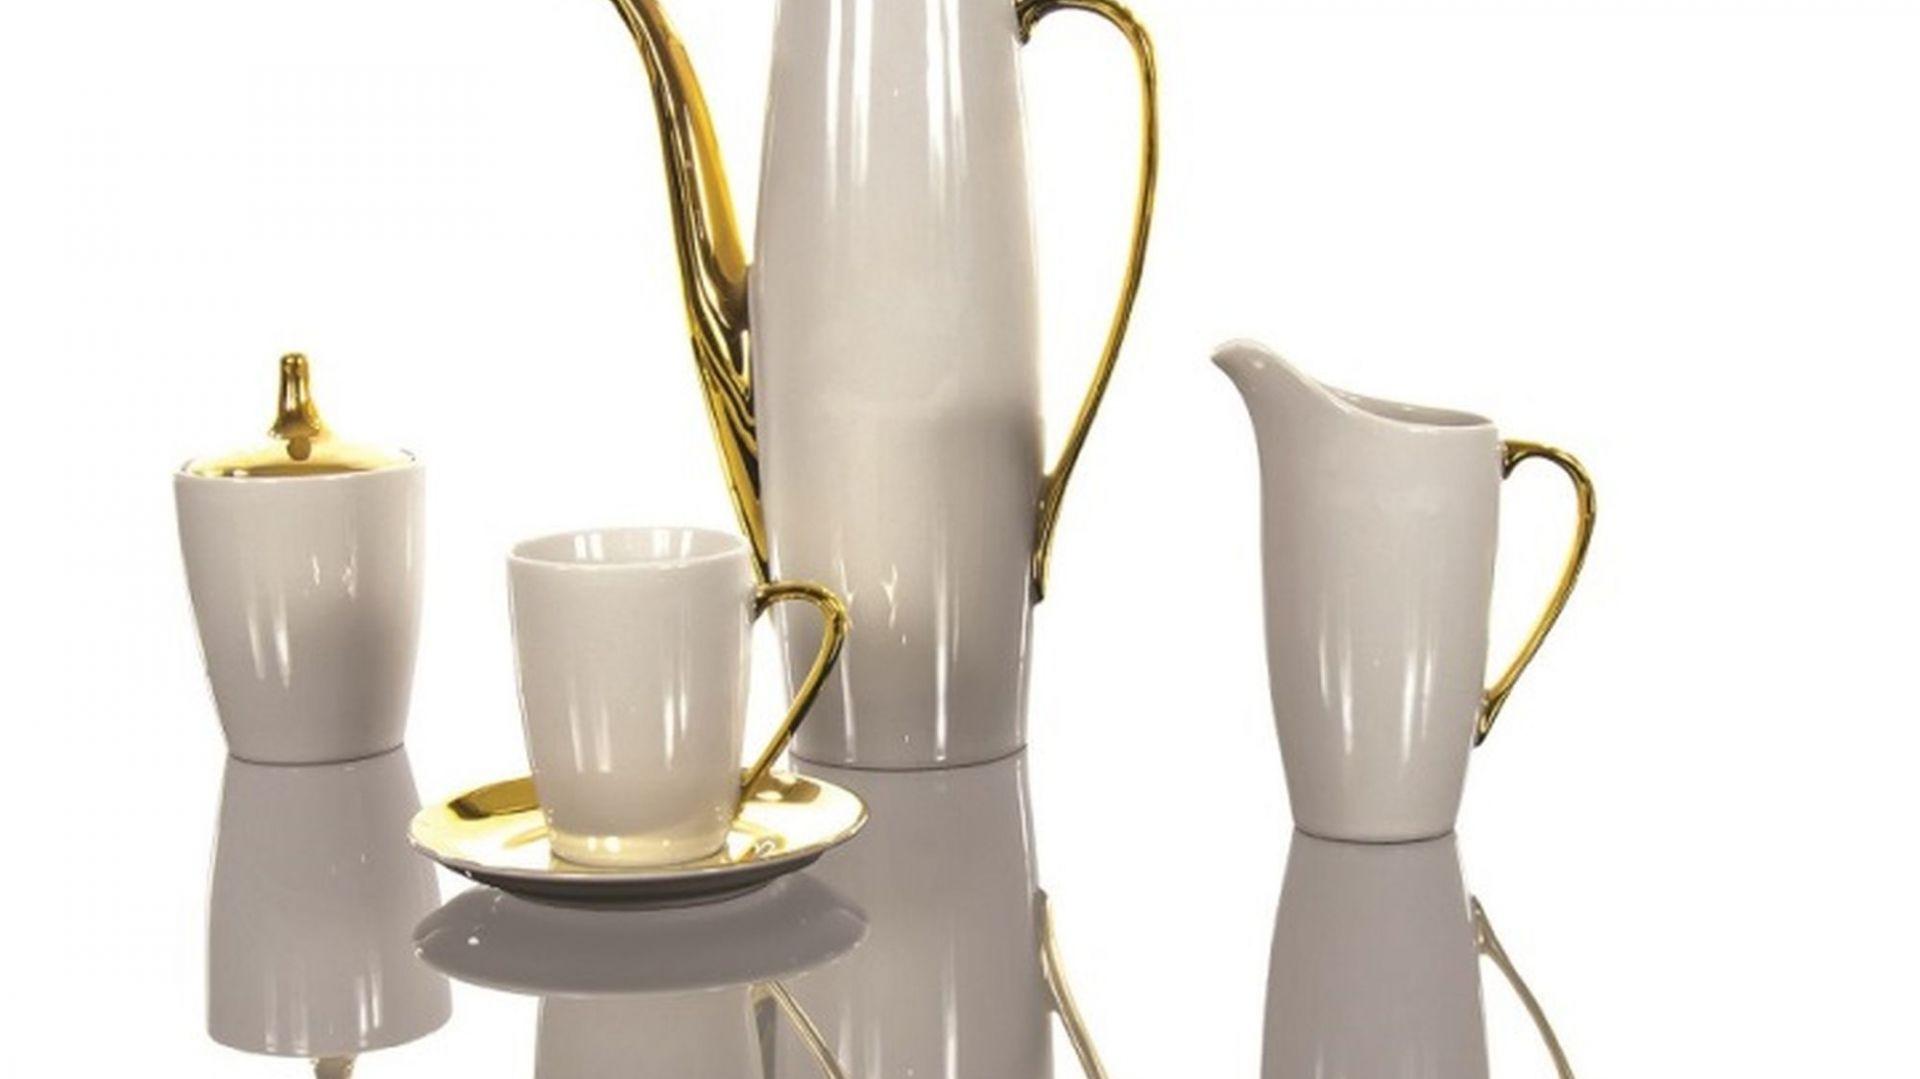 Niezwykła porcelanowa kolekcja Goplana z Ćmielowa uwodzi smukłymi kształtami i znakomitą prostotą. Fot. Polskie Fabryki Porcelany